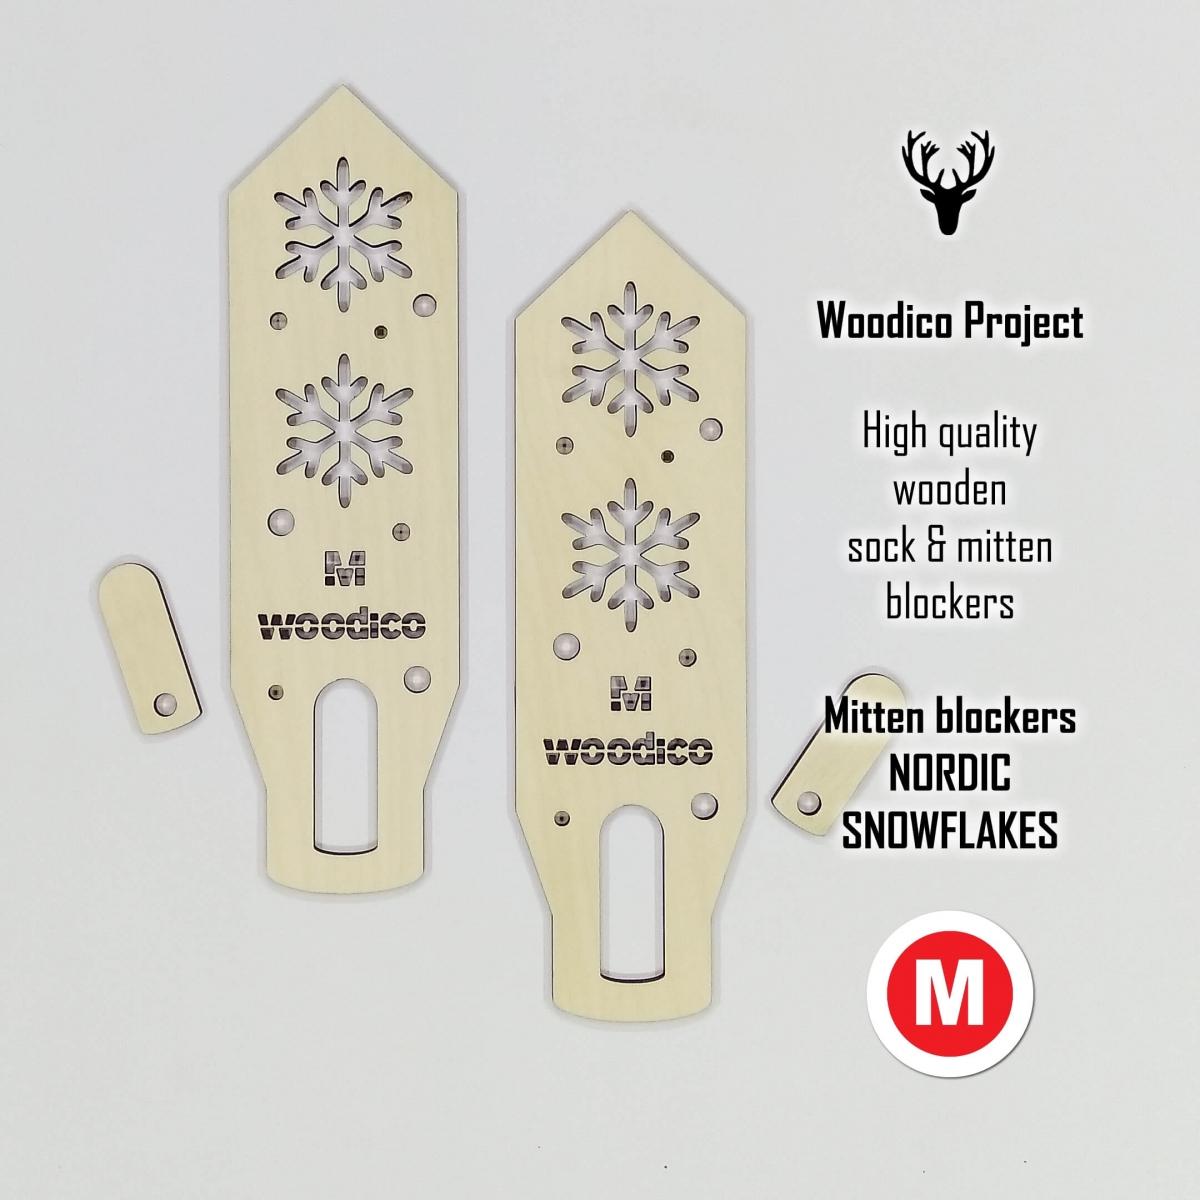 woodico.pro wooden mitten blockers nordic snowflakes 6 1200x1200 - Wooden mitten blockers / Nordic Snowflakes